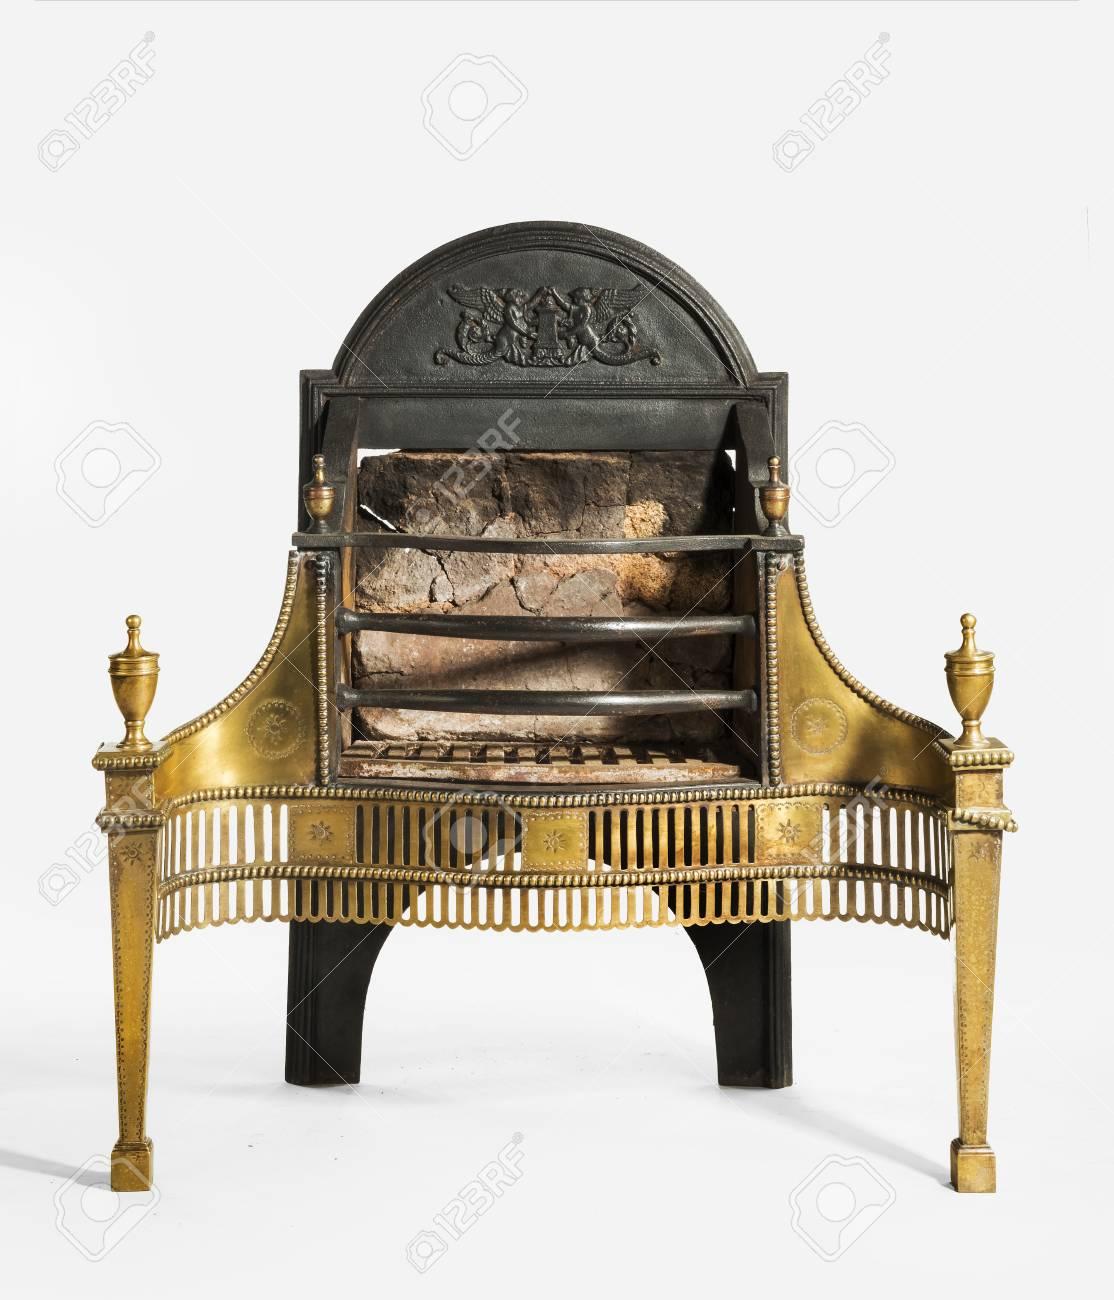 antike kamin rost mit großen rückenplatte und messing dekoration